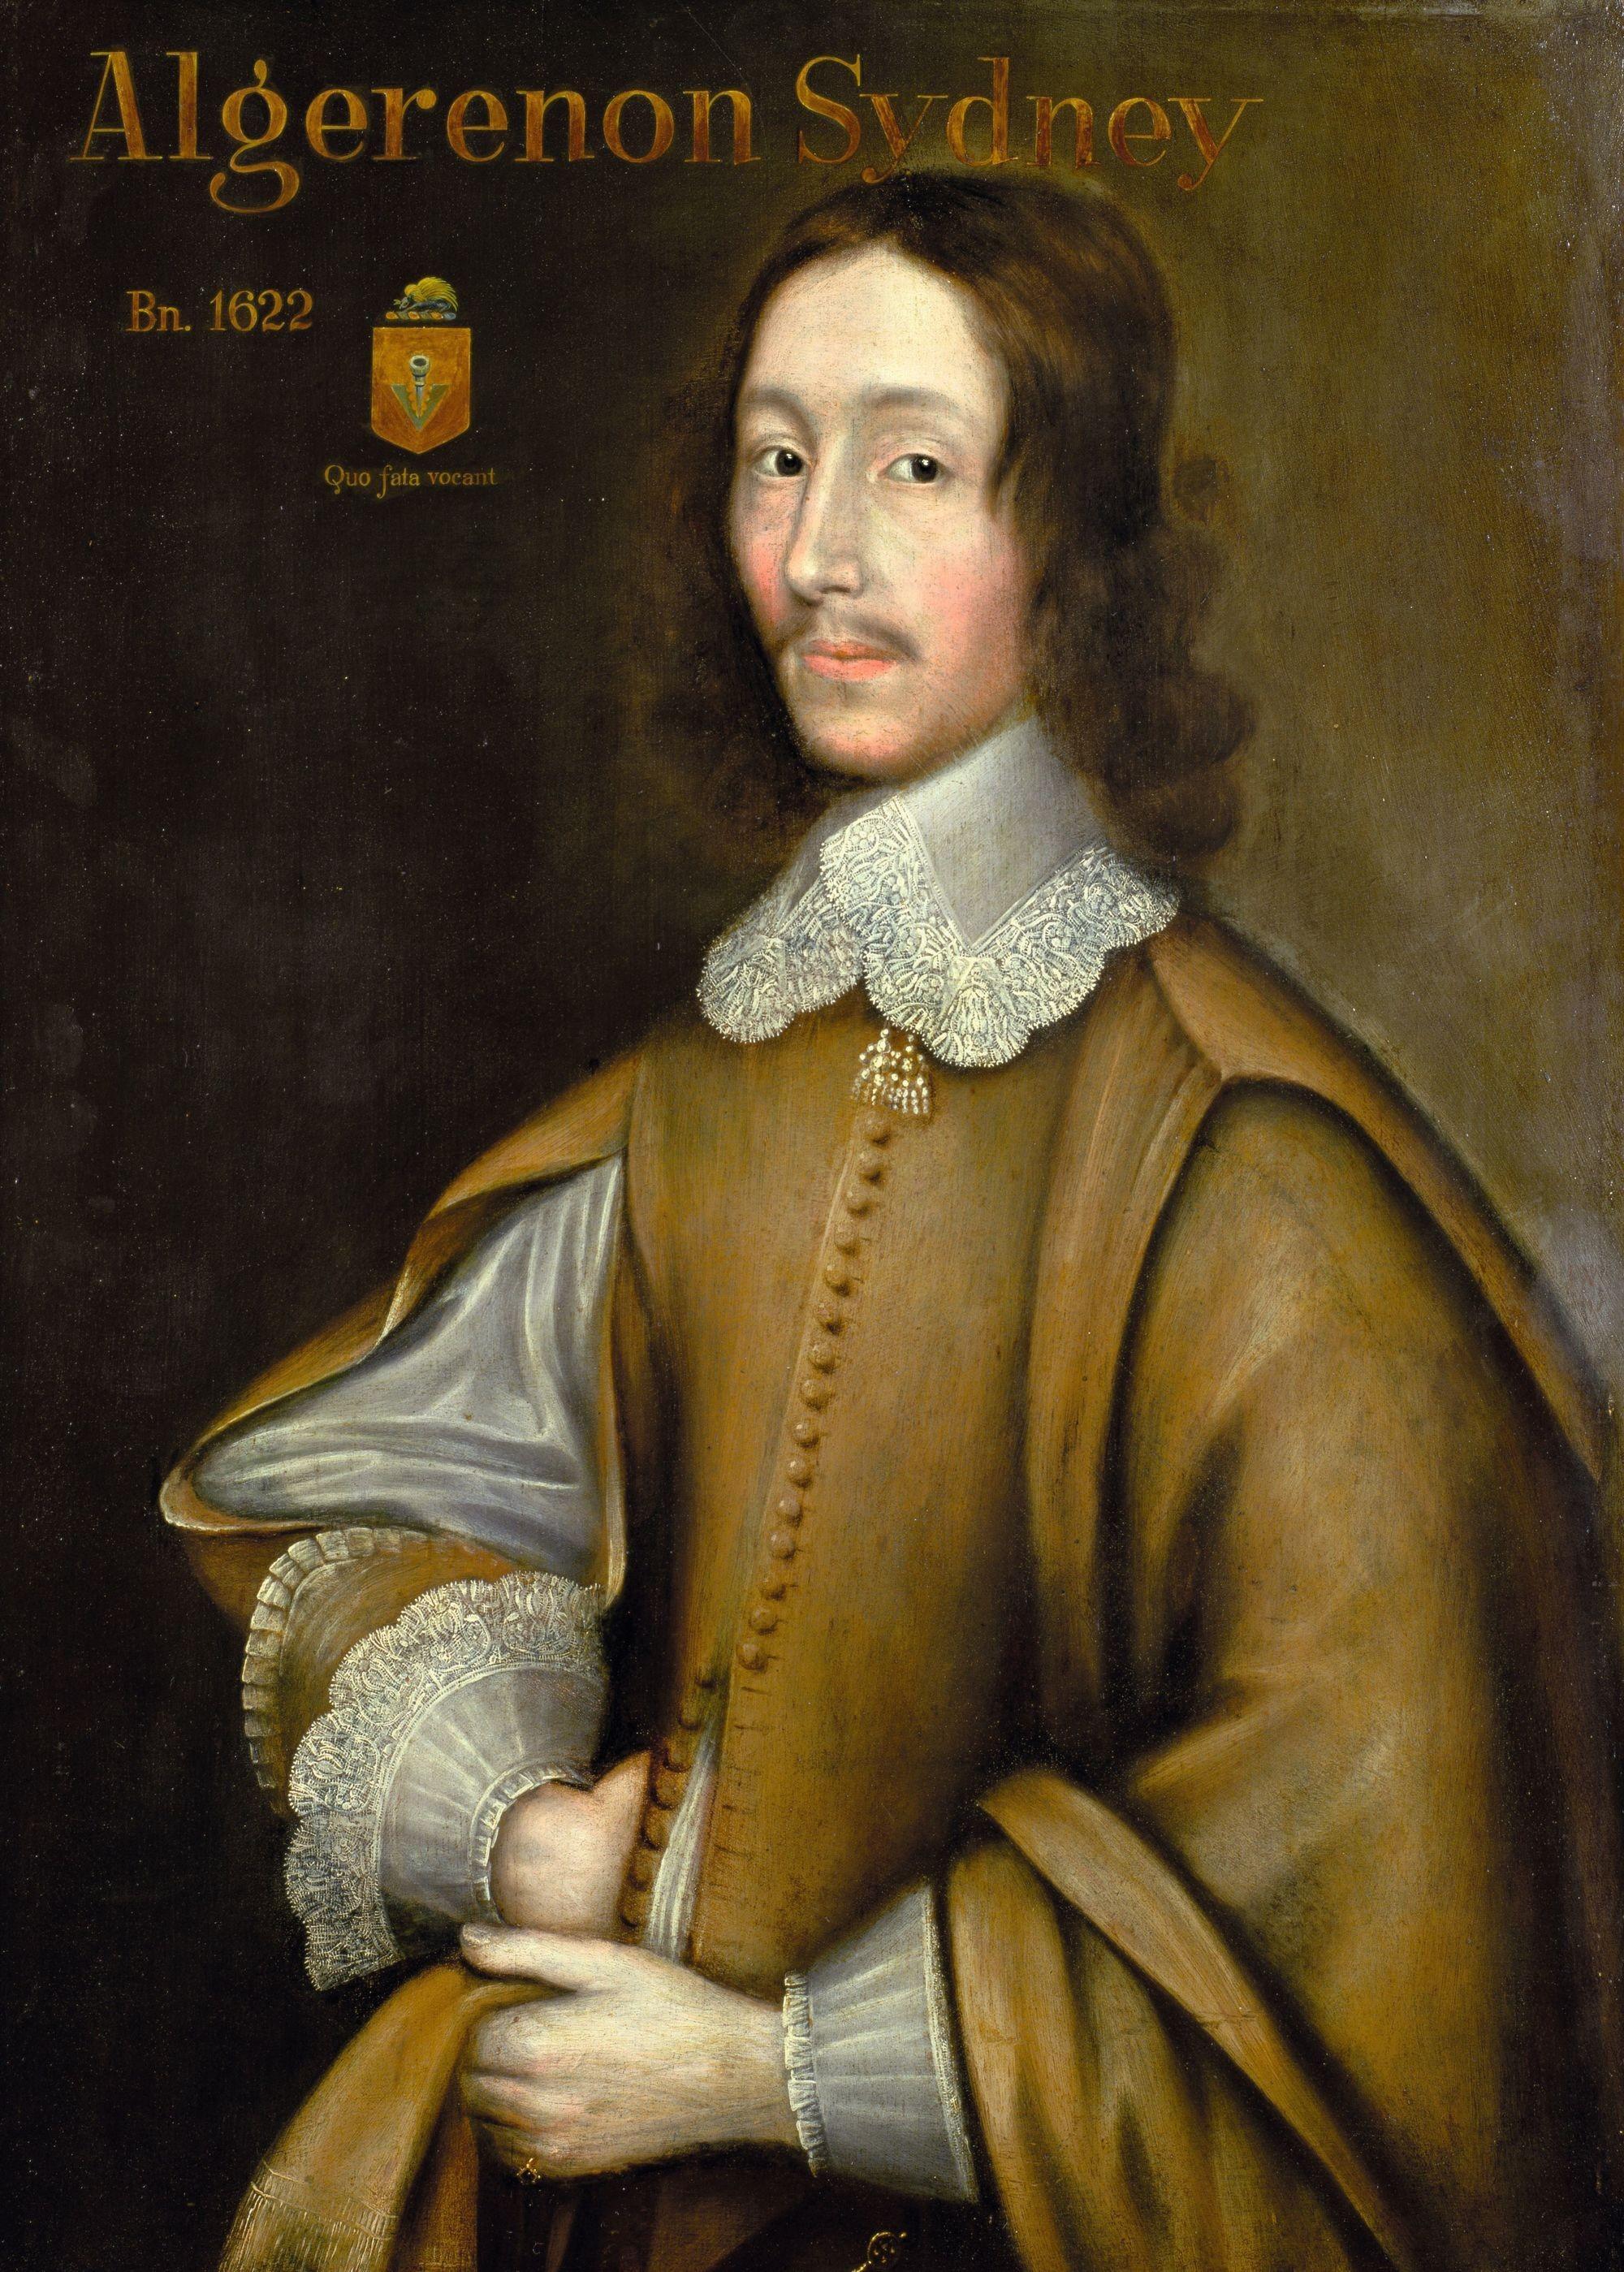 Anonyme, Portrait d'Algernon Sydney, v. 1665, huile sur toile, 79 x 71 cm, collection privée